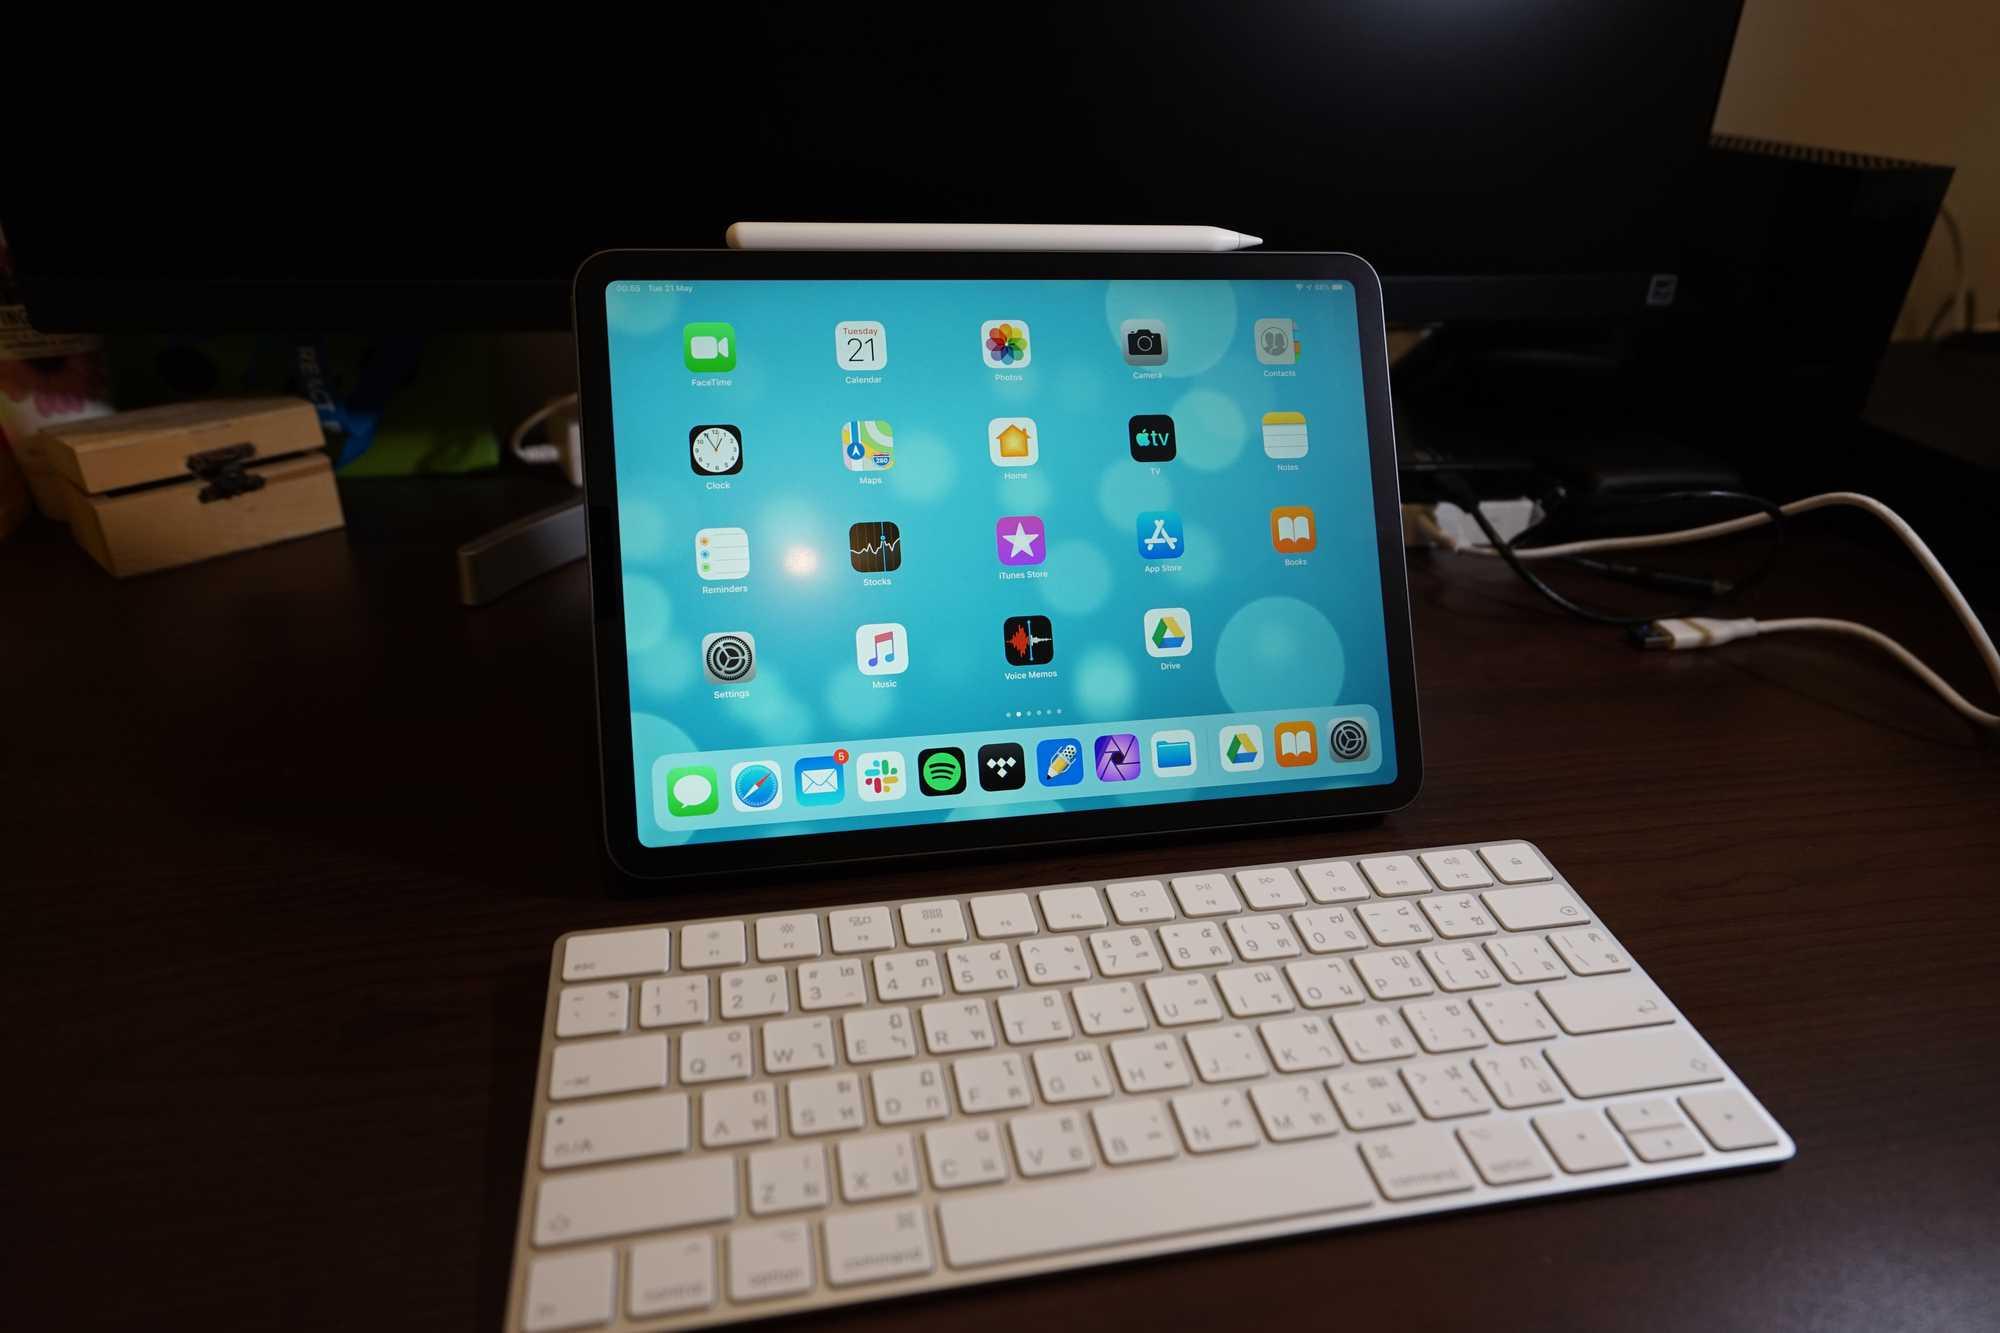 iPad Pro 11-inch 2018 with Magic Keyboard